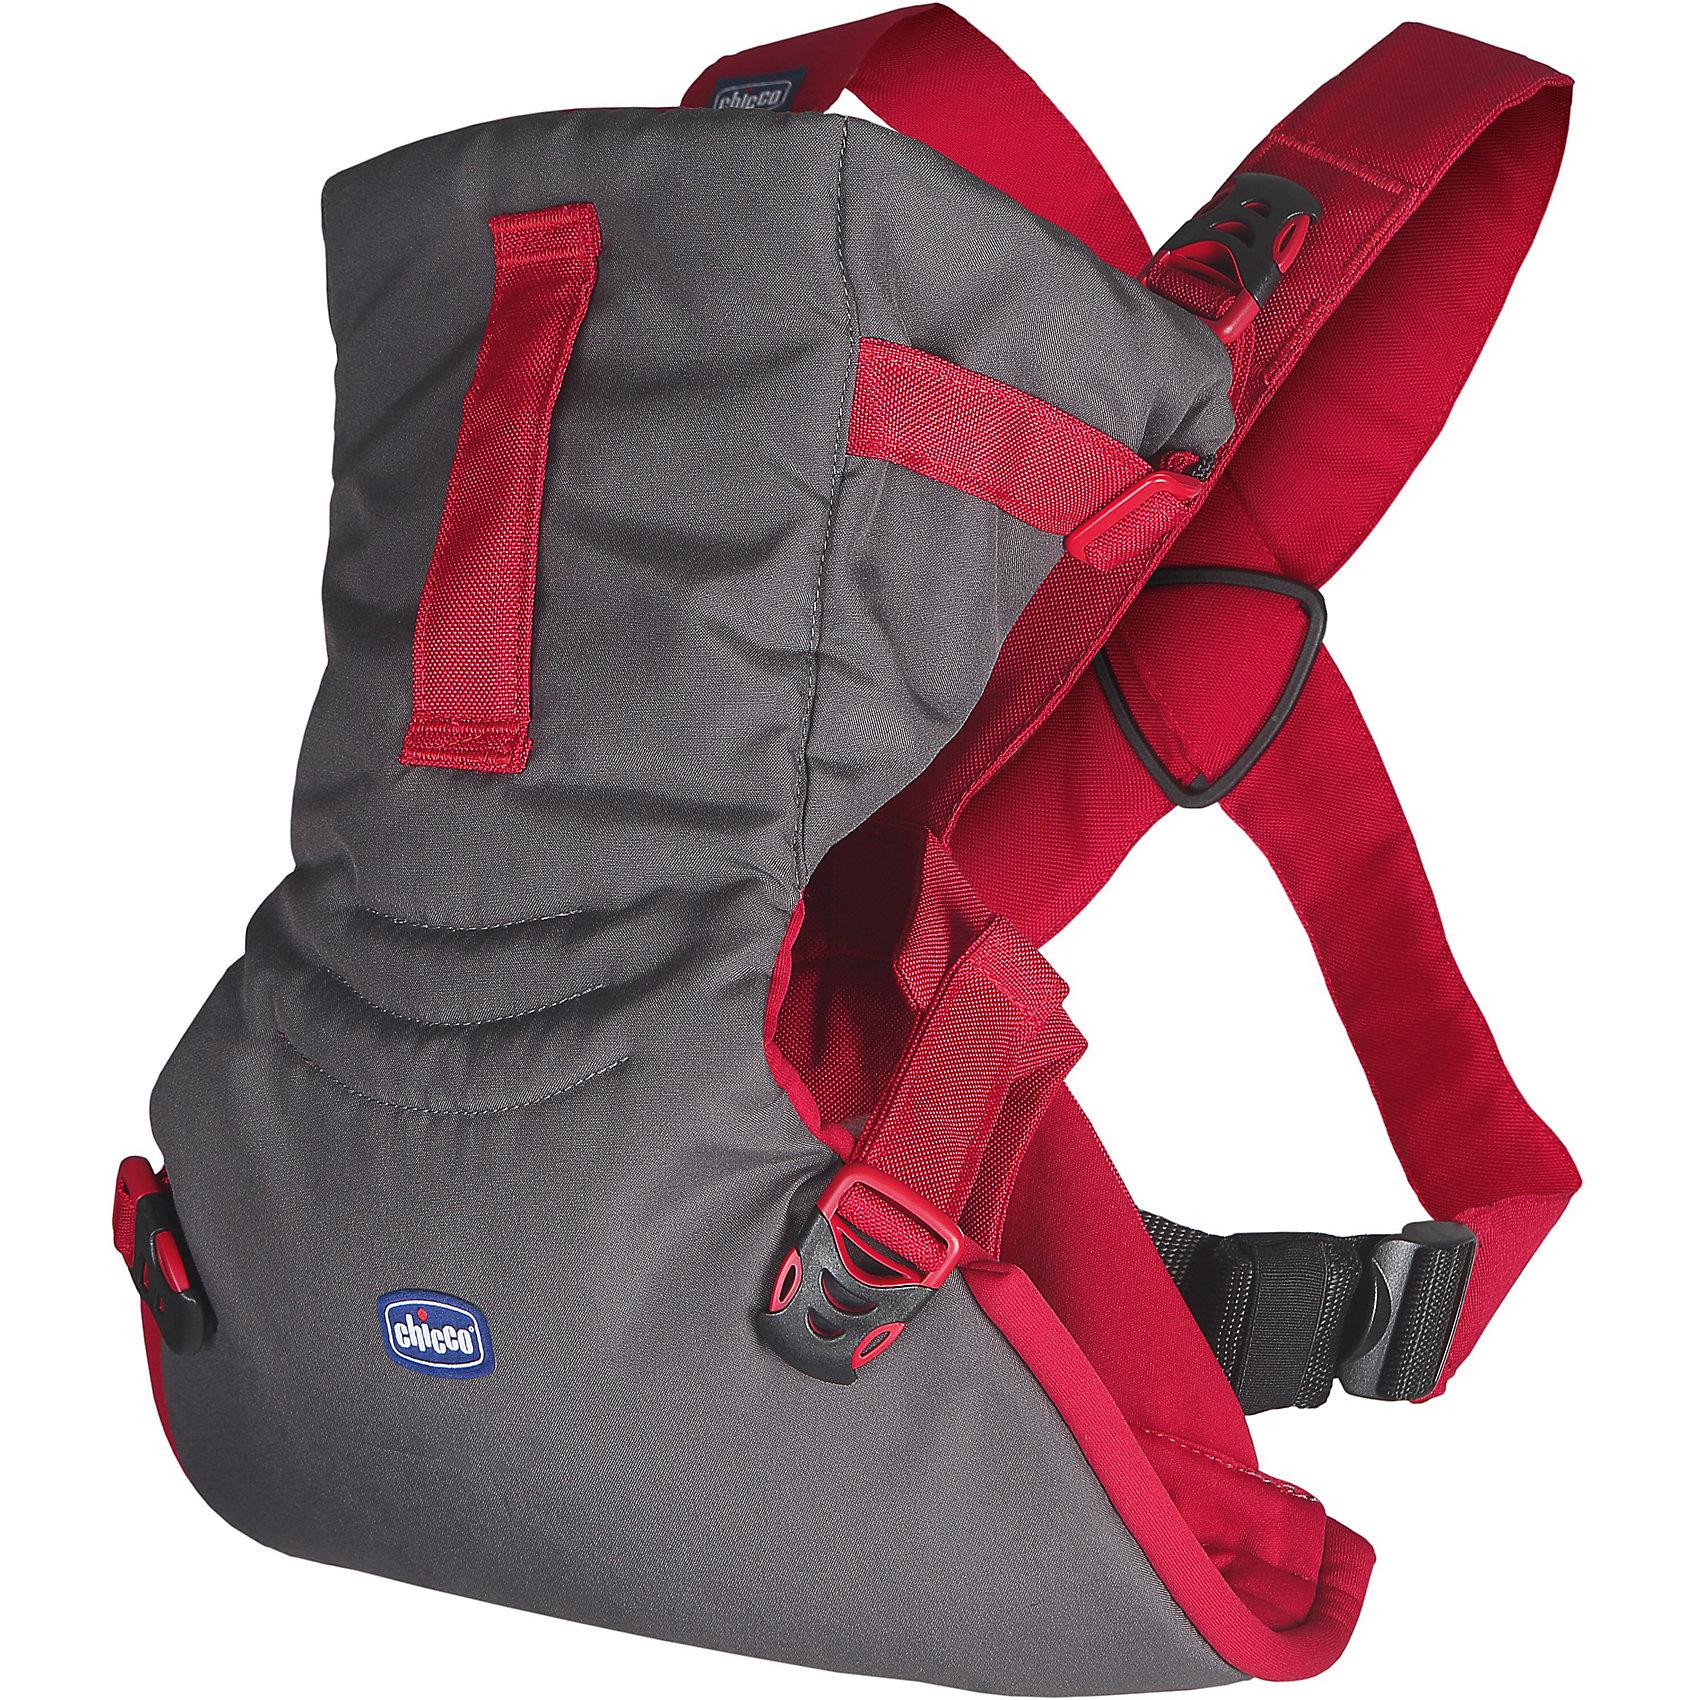 Переноска-кенгуру Easy Fit, Chicco, paprikaСлинги и рюкзаки-переноски<br>Easy Fit- комфортная и удобная переноска для малышей с рождения. Носится как футболка, имеет эргомичное сиденье, которое обеспечивает правильное положение бедер ребенка. Одним нажатием меняется из положения Лицом к родителю в Лицом вперед. Протестировано педиатрами.<br><br>Ширина мм: 160<br>Глубина мм: 110<br>Высота мм: 305<br>Вес г: 557<br>Возраст от месяцев: 0<br>Возраст до месяцев: 9<br>Пол: Унисекс<br>Возраст: Детский<br>SKU: 6682746